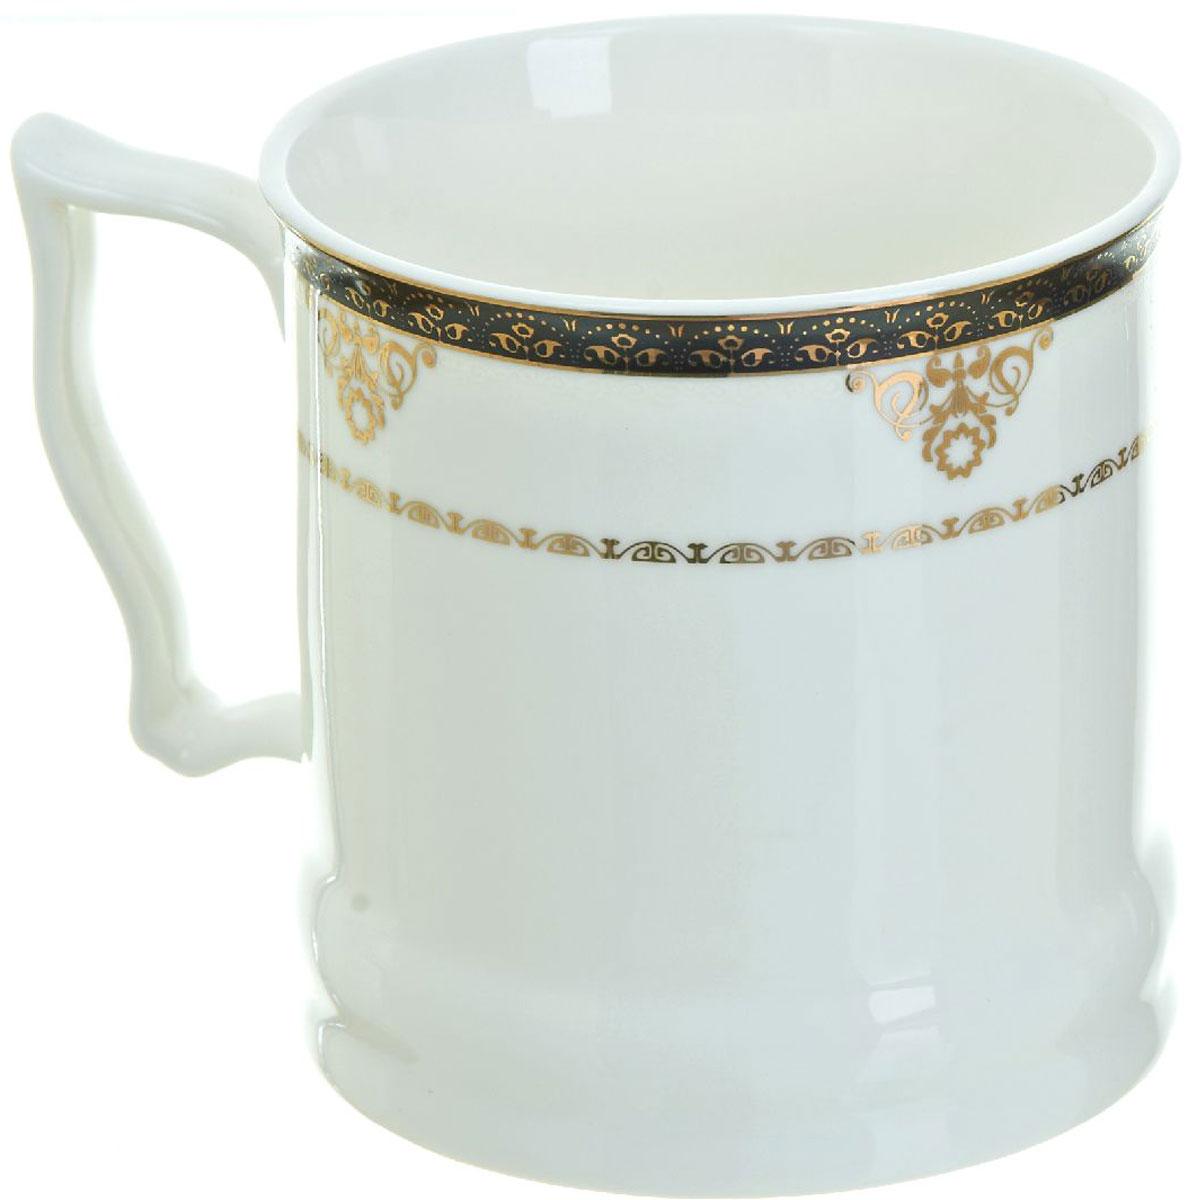 Кружка BHP Королевская кружка, 500 мл. 18700071870007Оригинальная кружка Best Home Porcelain, выполненная из высококачественного фарфора, сочетает в себе простой, утонченный дизайн с максимальной функциональностью. Оригинальность оформления придутся по вкусу тем, кто ценит индивидуальность. В комплект входит кружка. Можно использовать в ПММ.